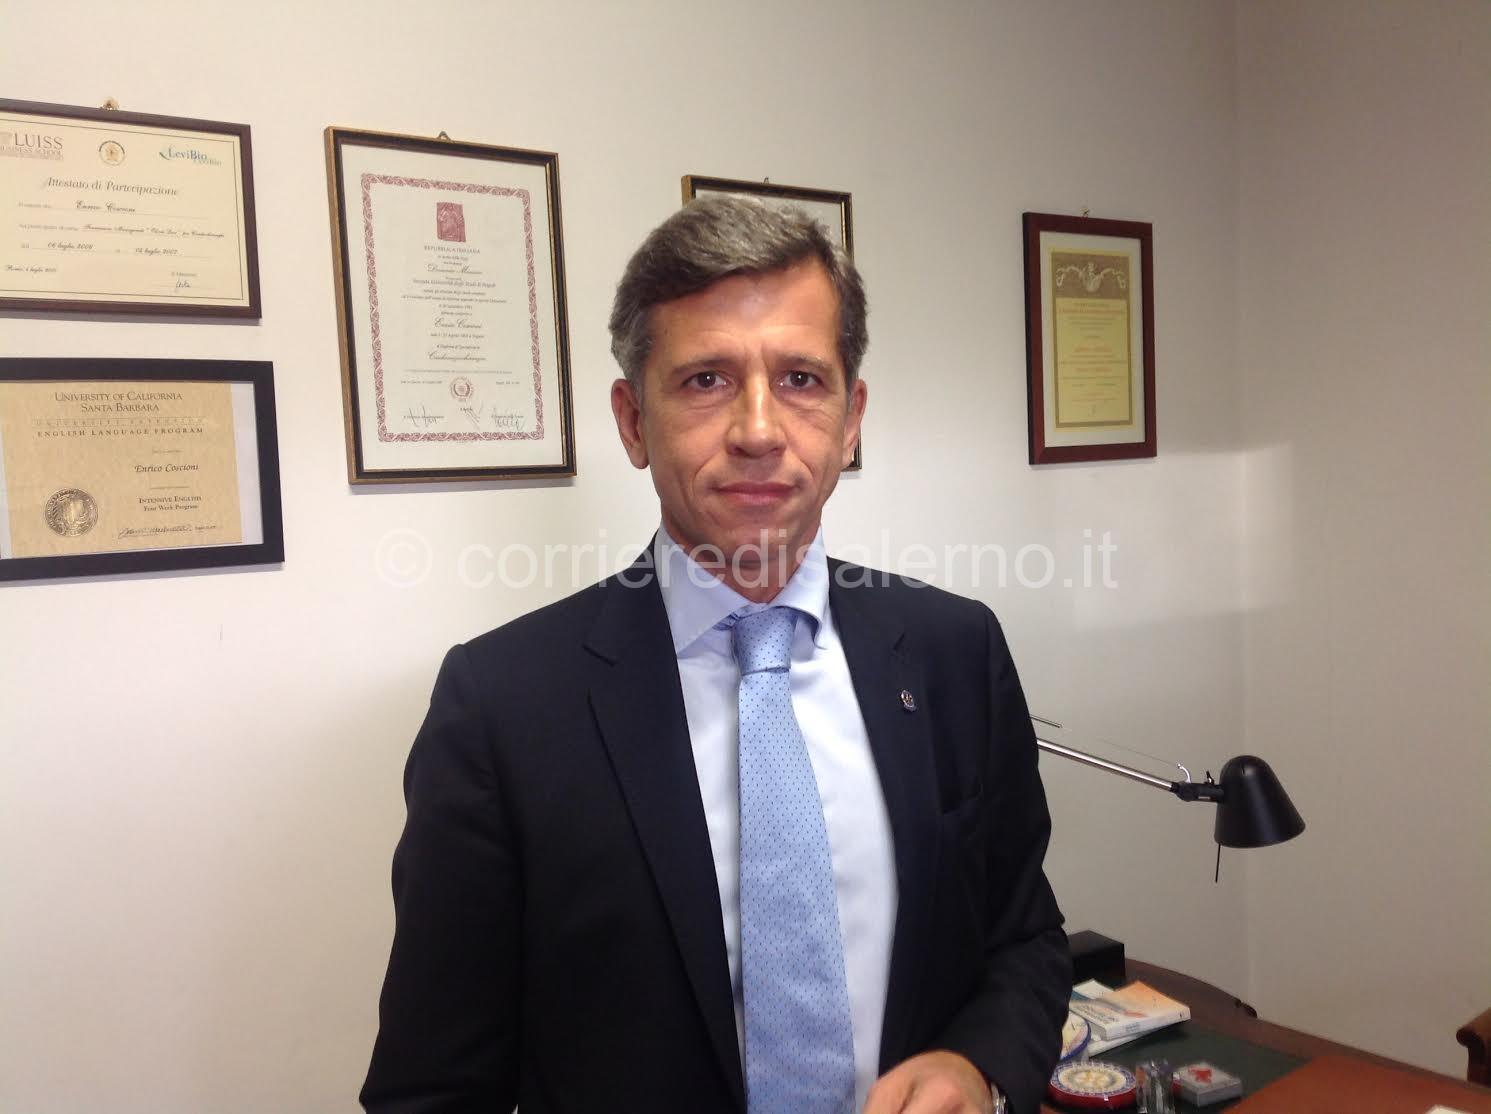 Asl, le nomine di De Luca al vaglio dei magistrati